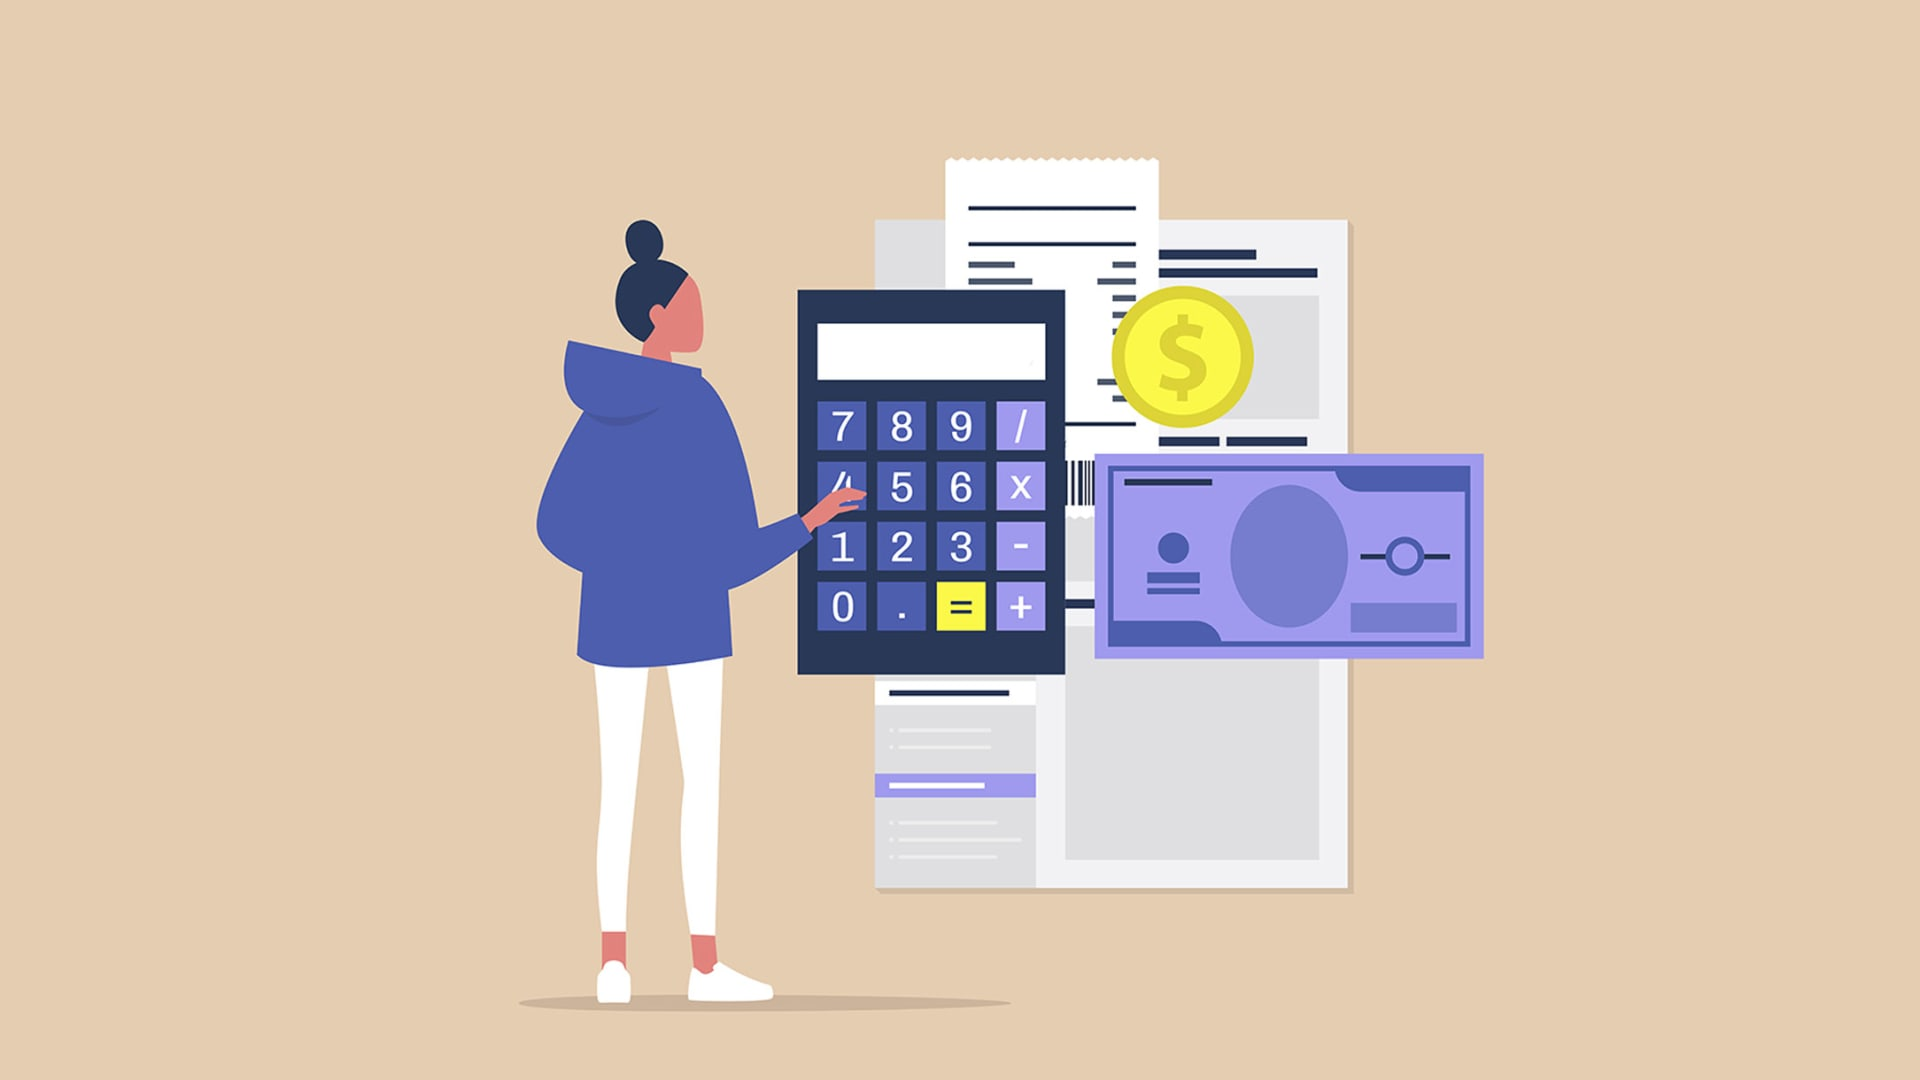 Hãy tuân theo Quy tắc 50-30-20 để có những các quyết định tài chính tốt hơn và hướng đến mục tiêu giàu có của bạn